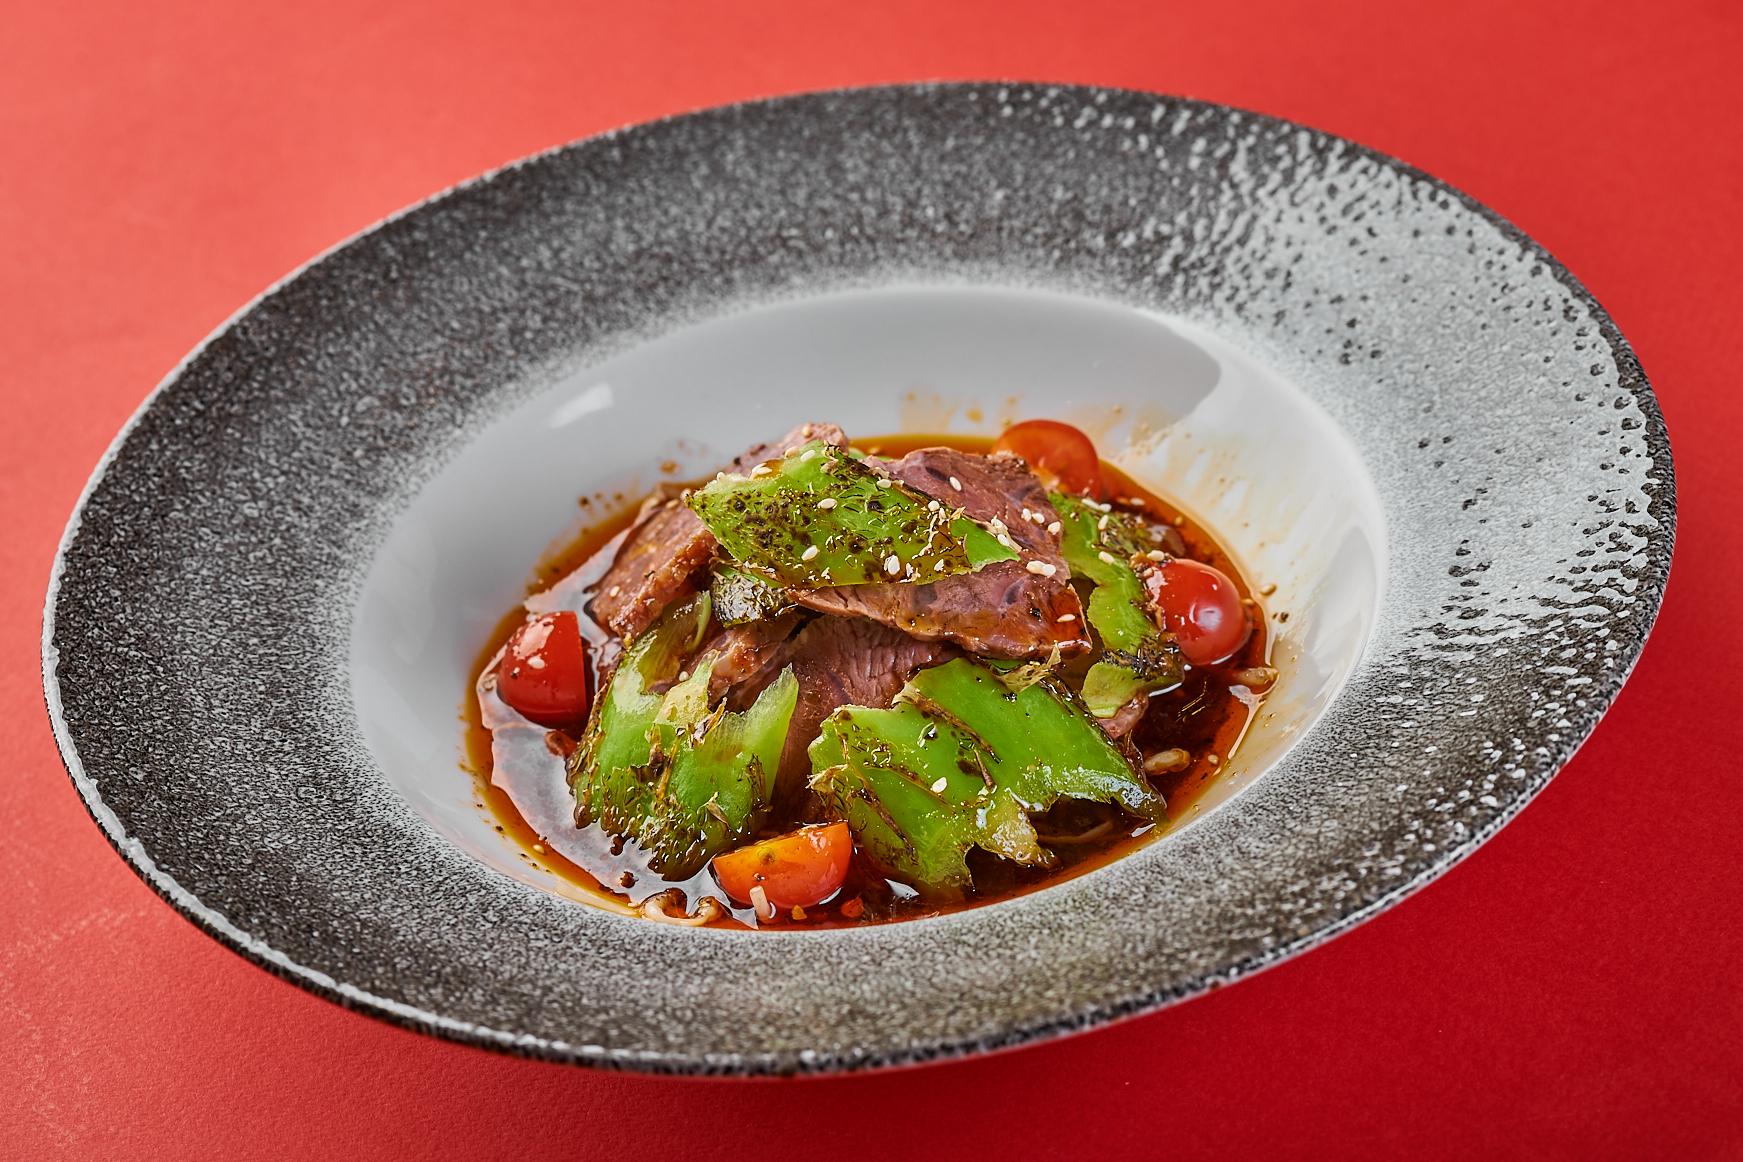 Острый салат из говядины, запеченного перца и ростков сои 950₽